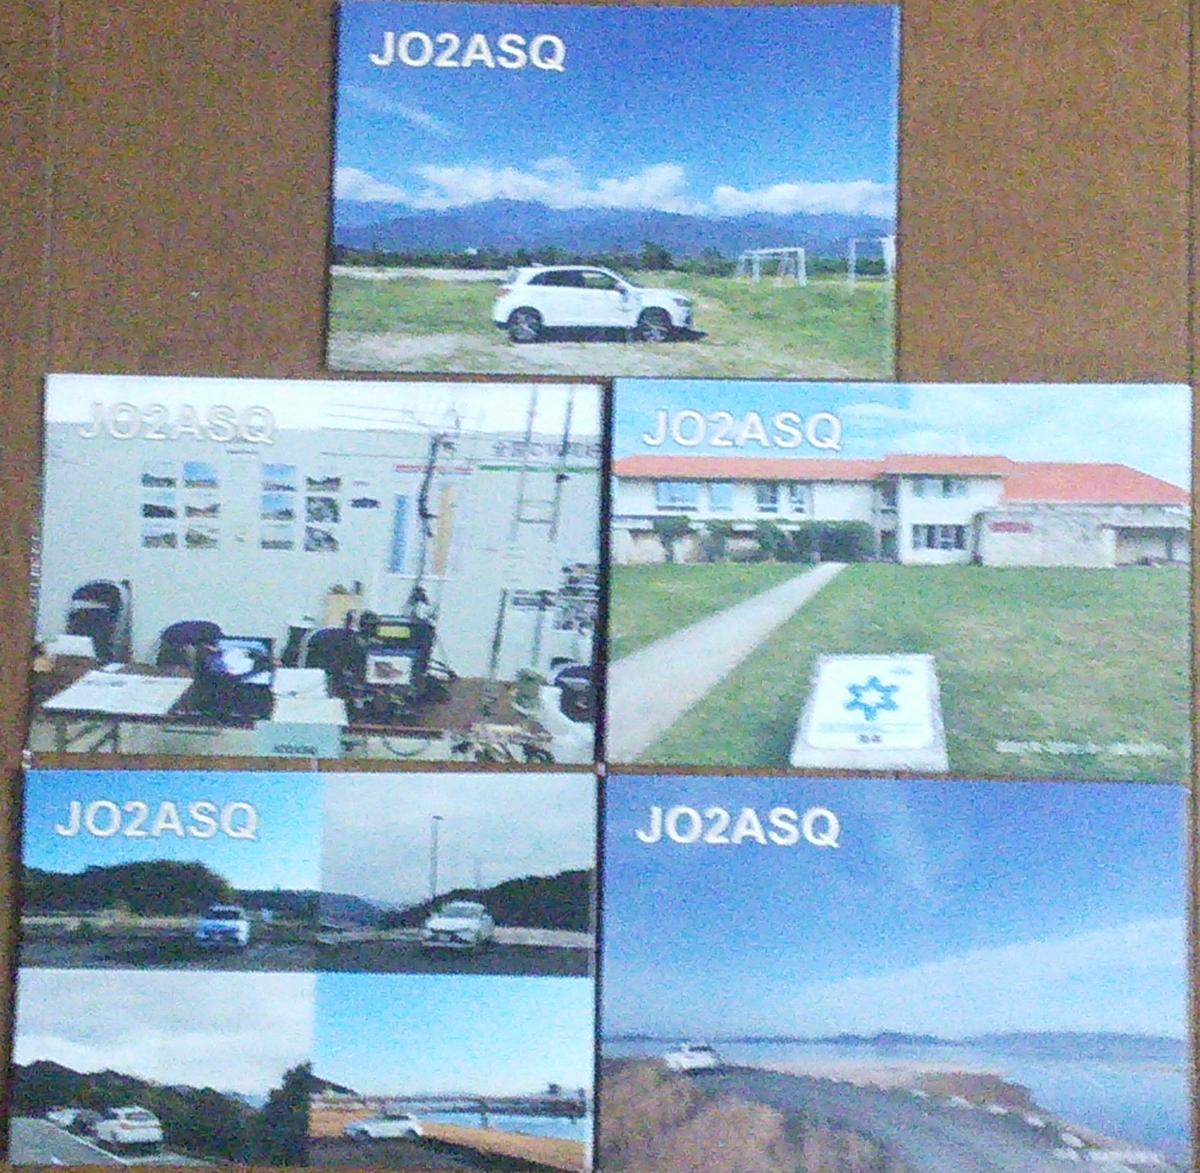 f:id:JP1FOS:20200914211453p:plain